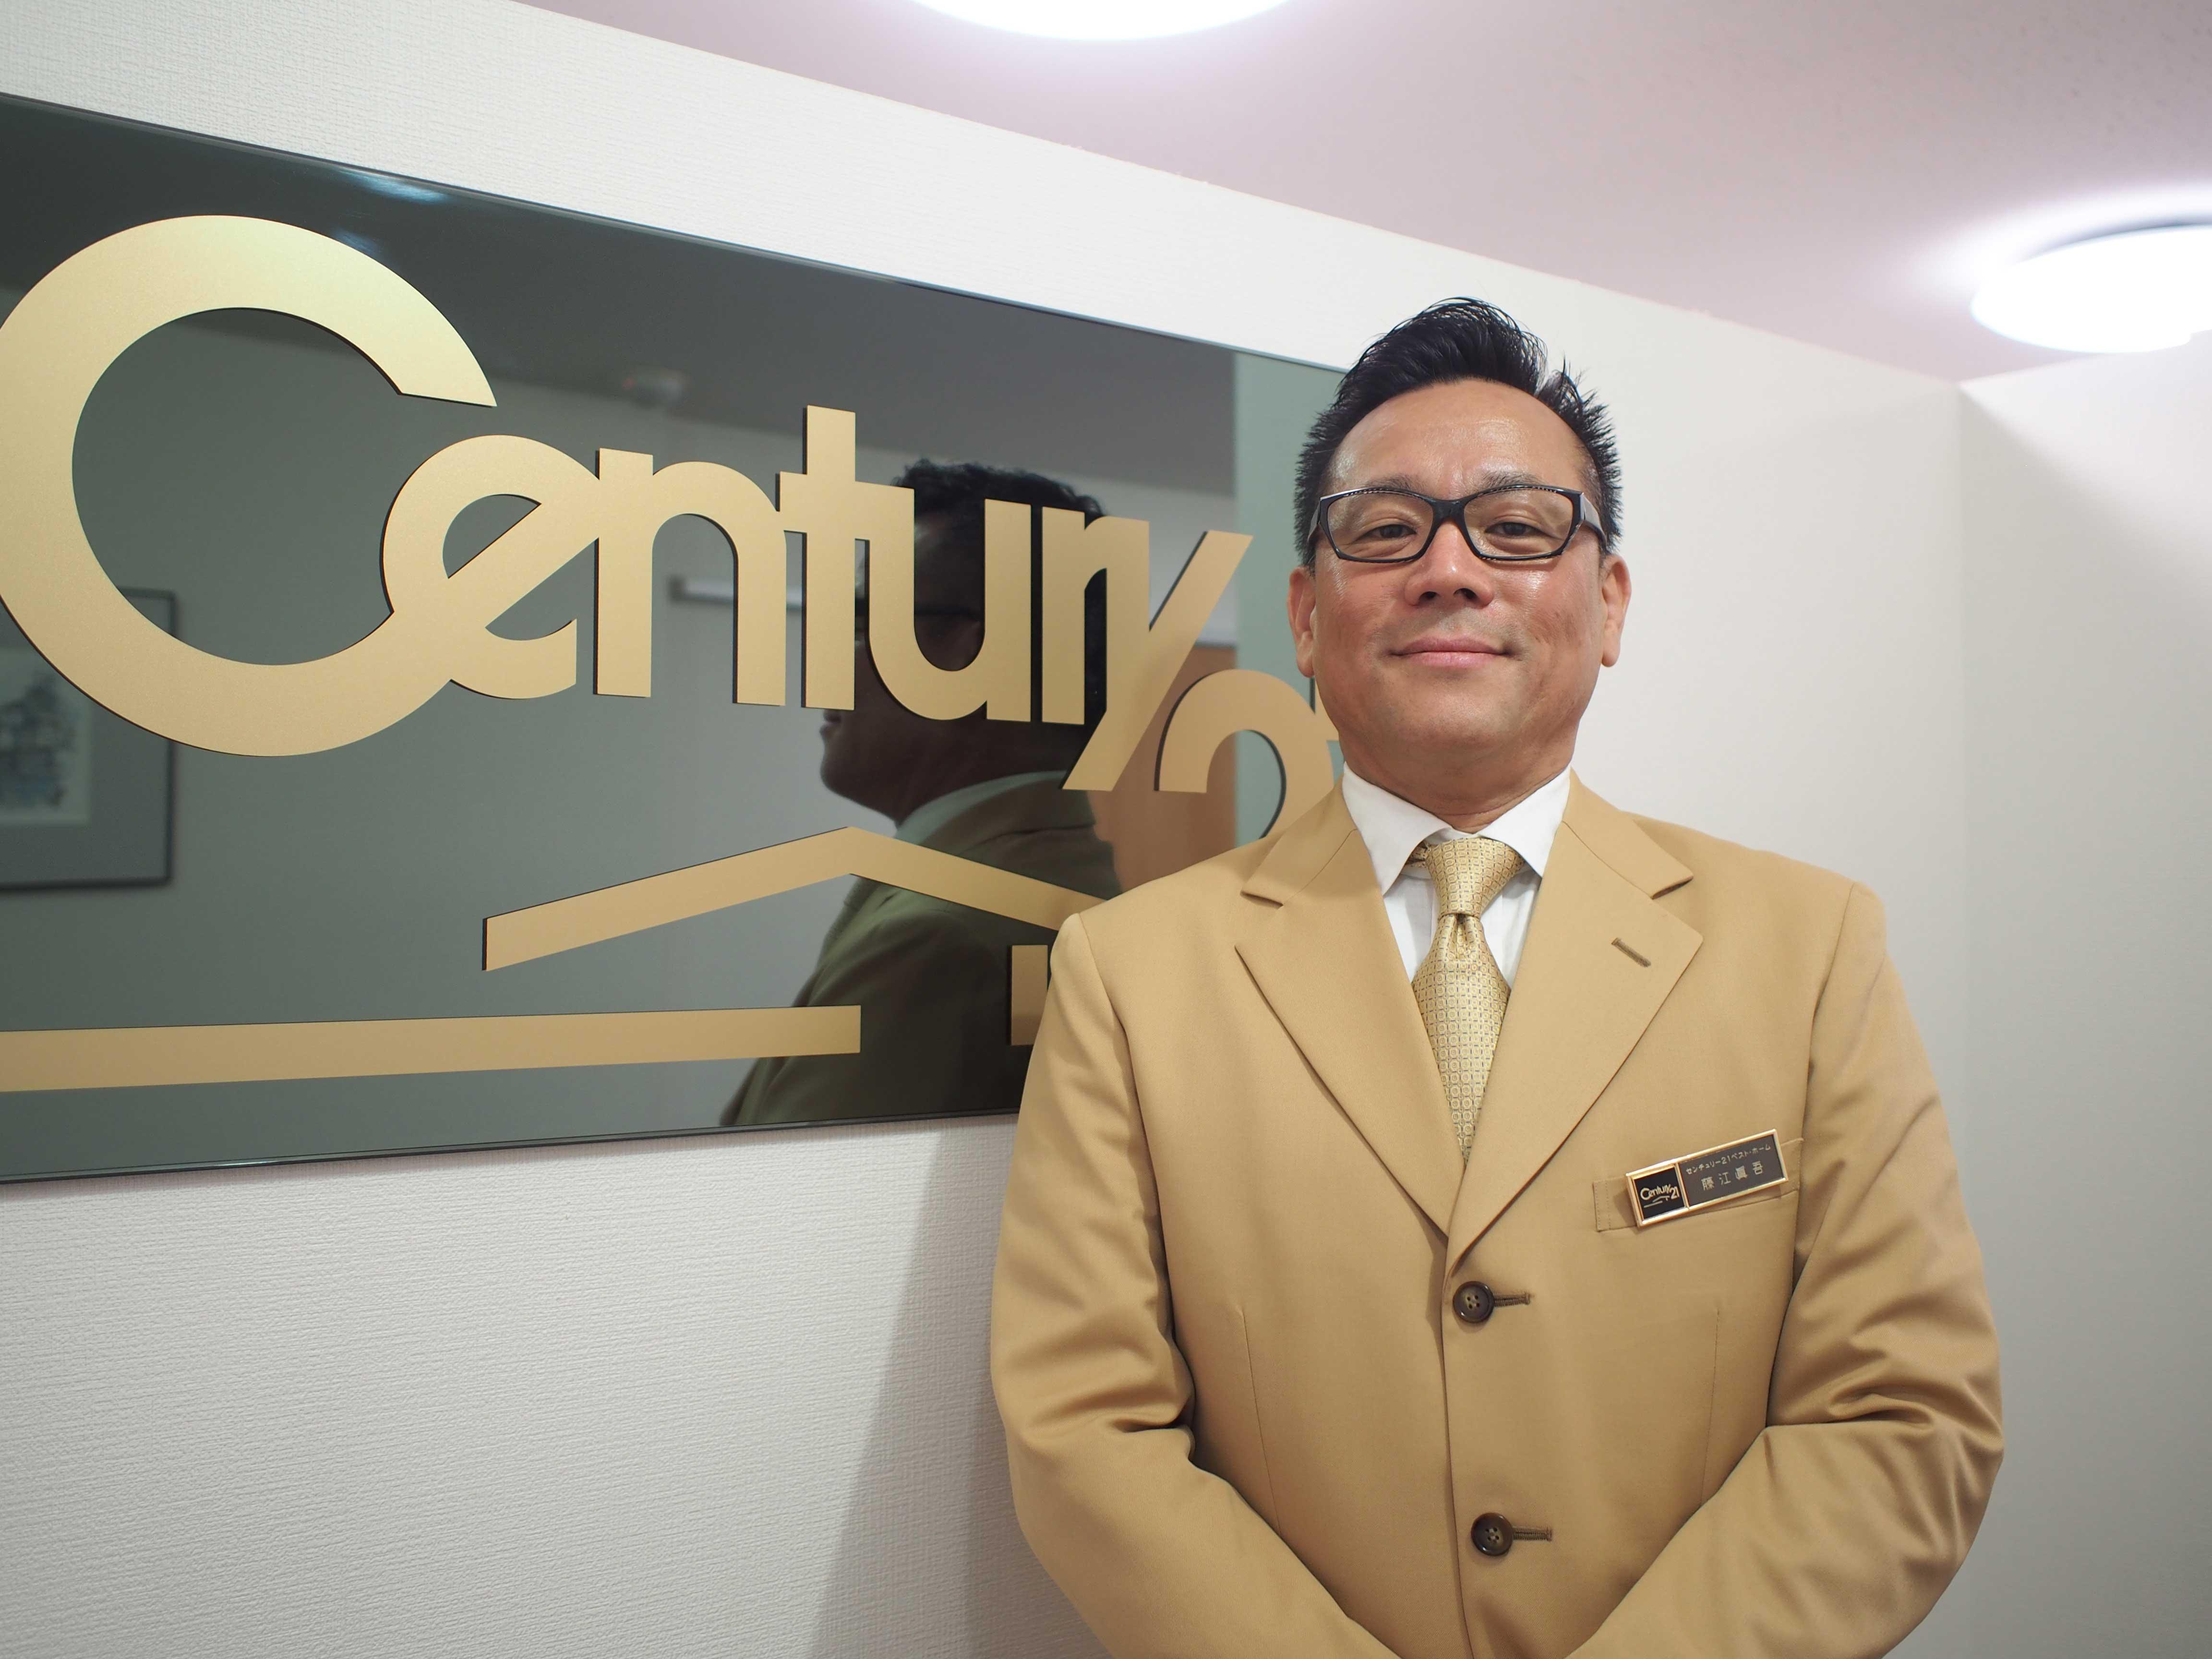 センチュリー21ベスト・ホーム代表 藤江 真吾